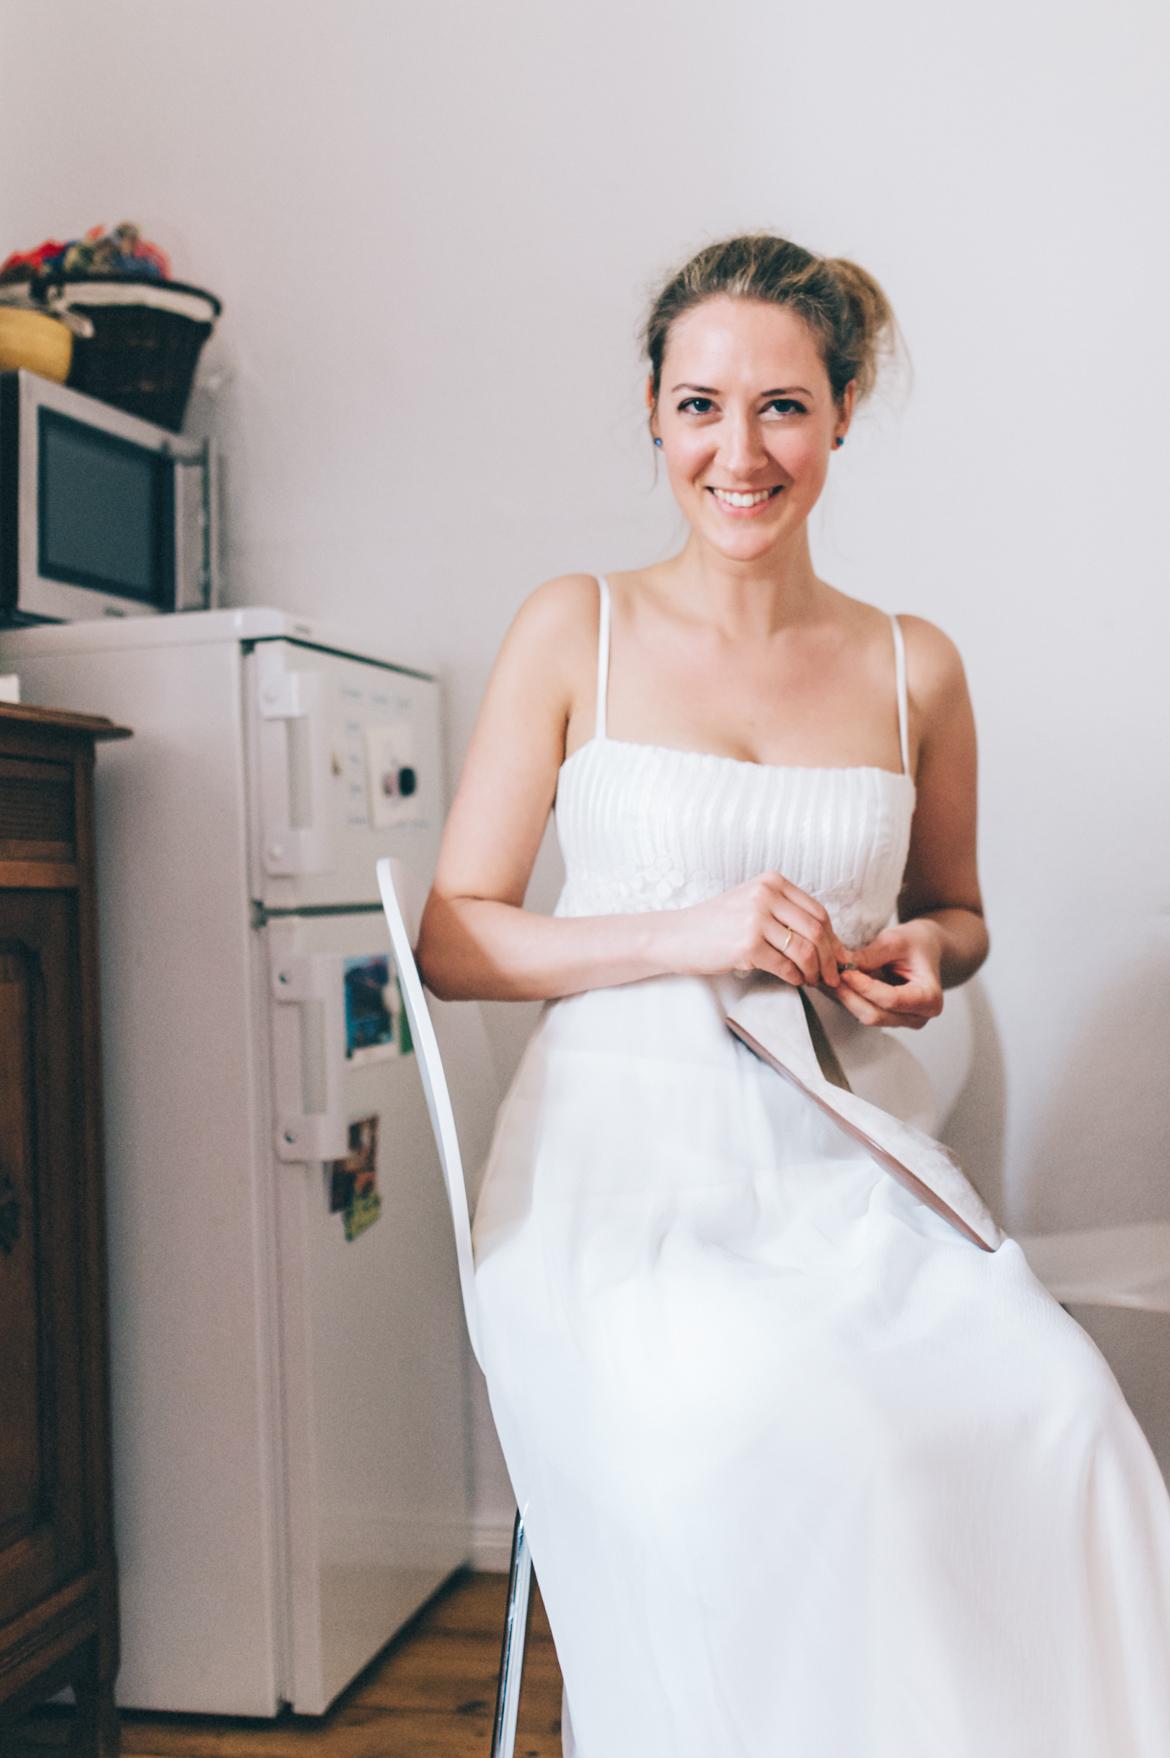 DIY-Hochzeit-koblenz-hoch-2 Tina & Miro DIY Wedding Cafe KostbarDIY Hochzeit koblenz hoch 2